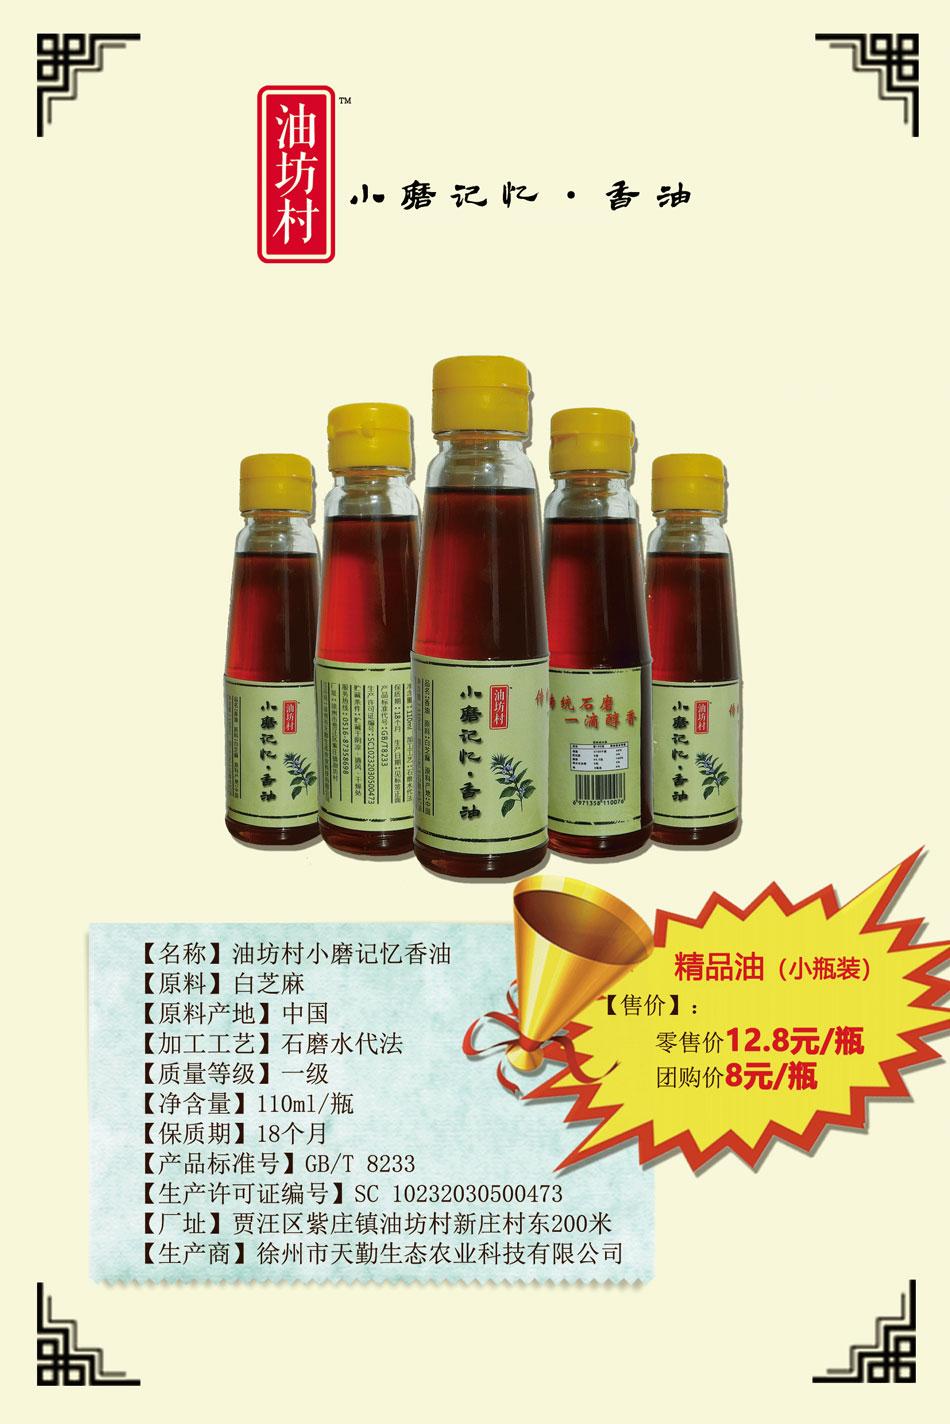 徐州哪里有供應報價合理的石磨香油,石磨香油怎么樣